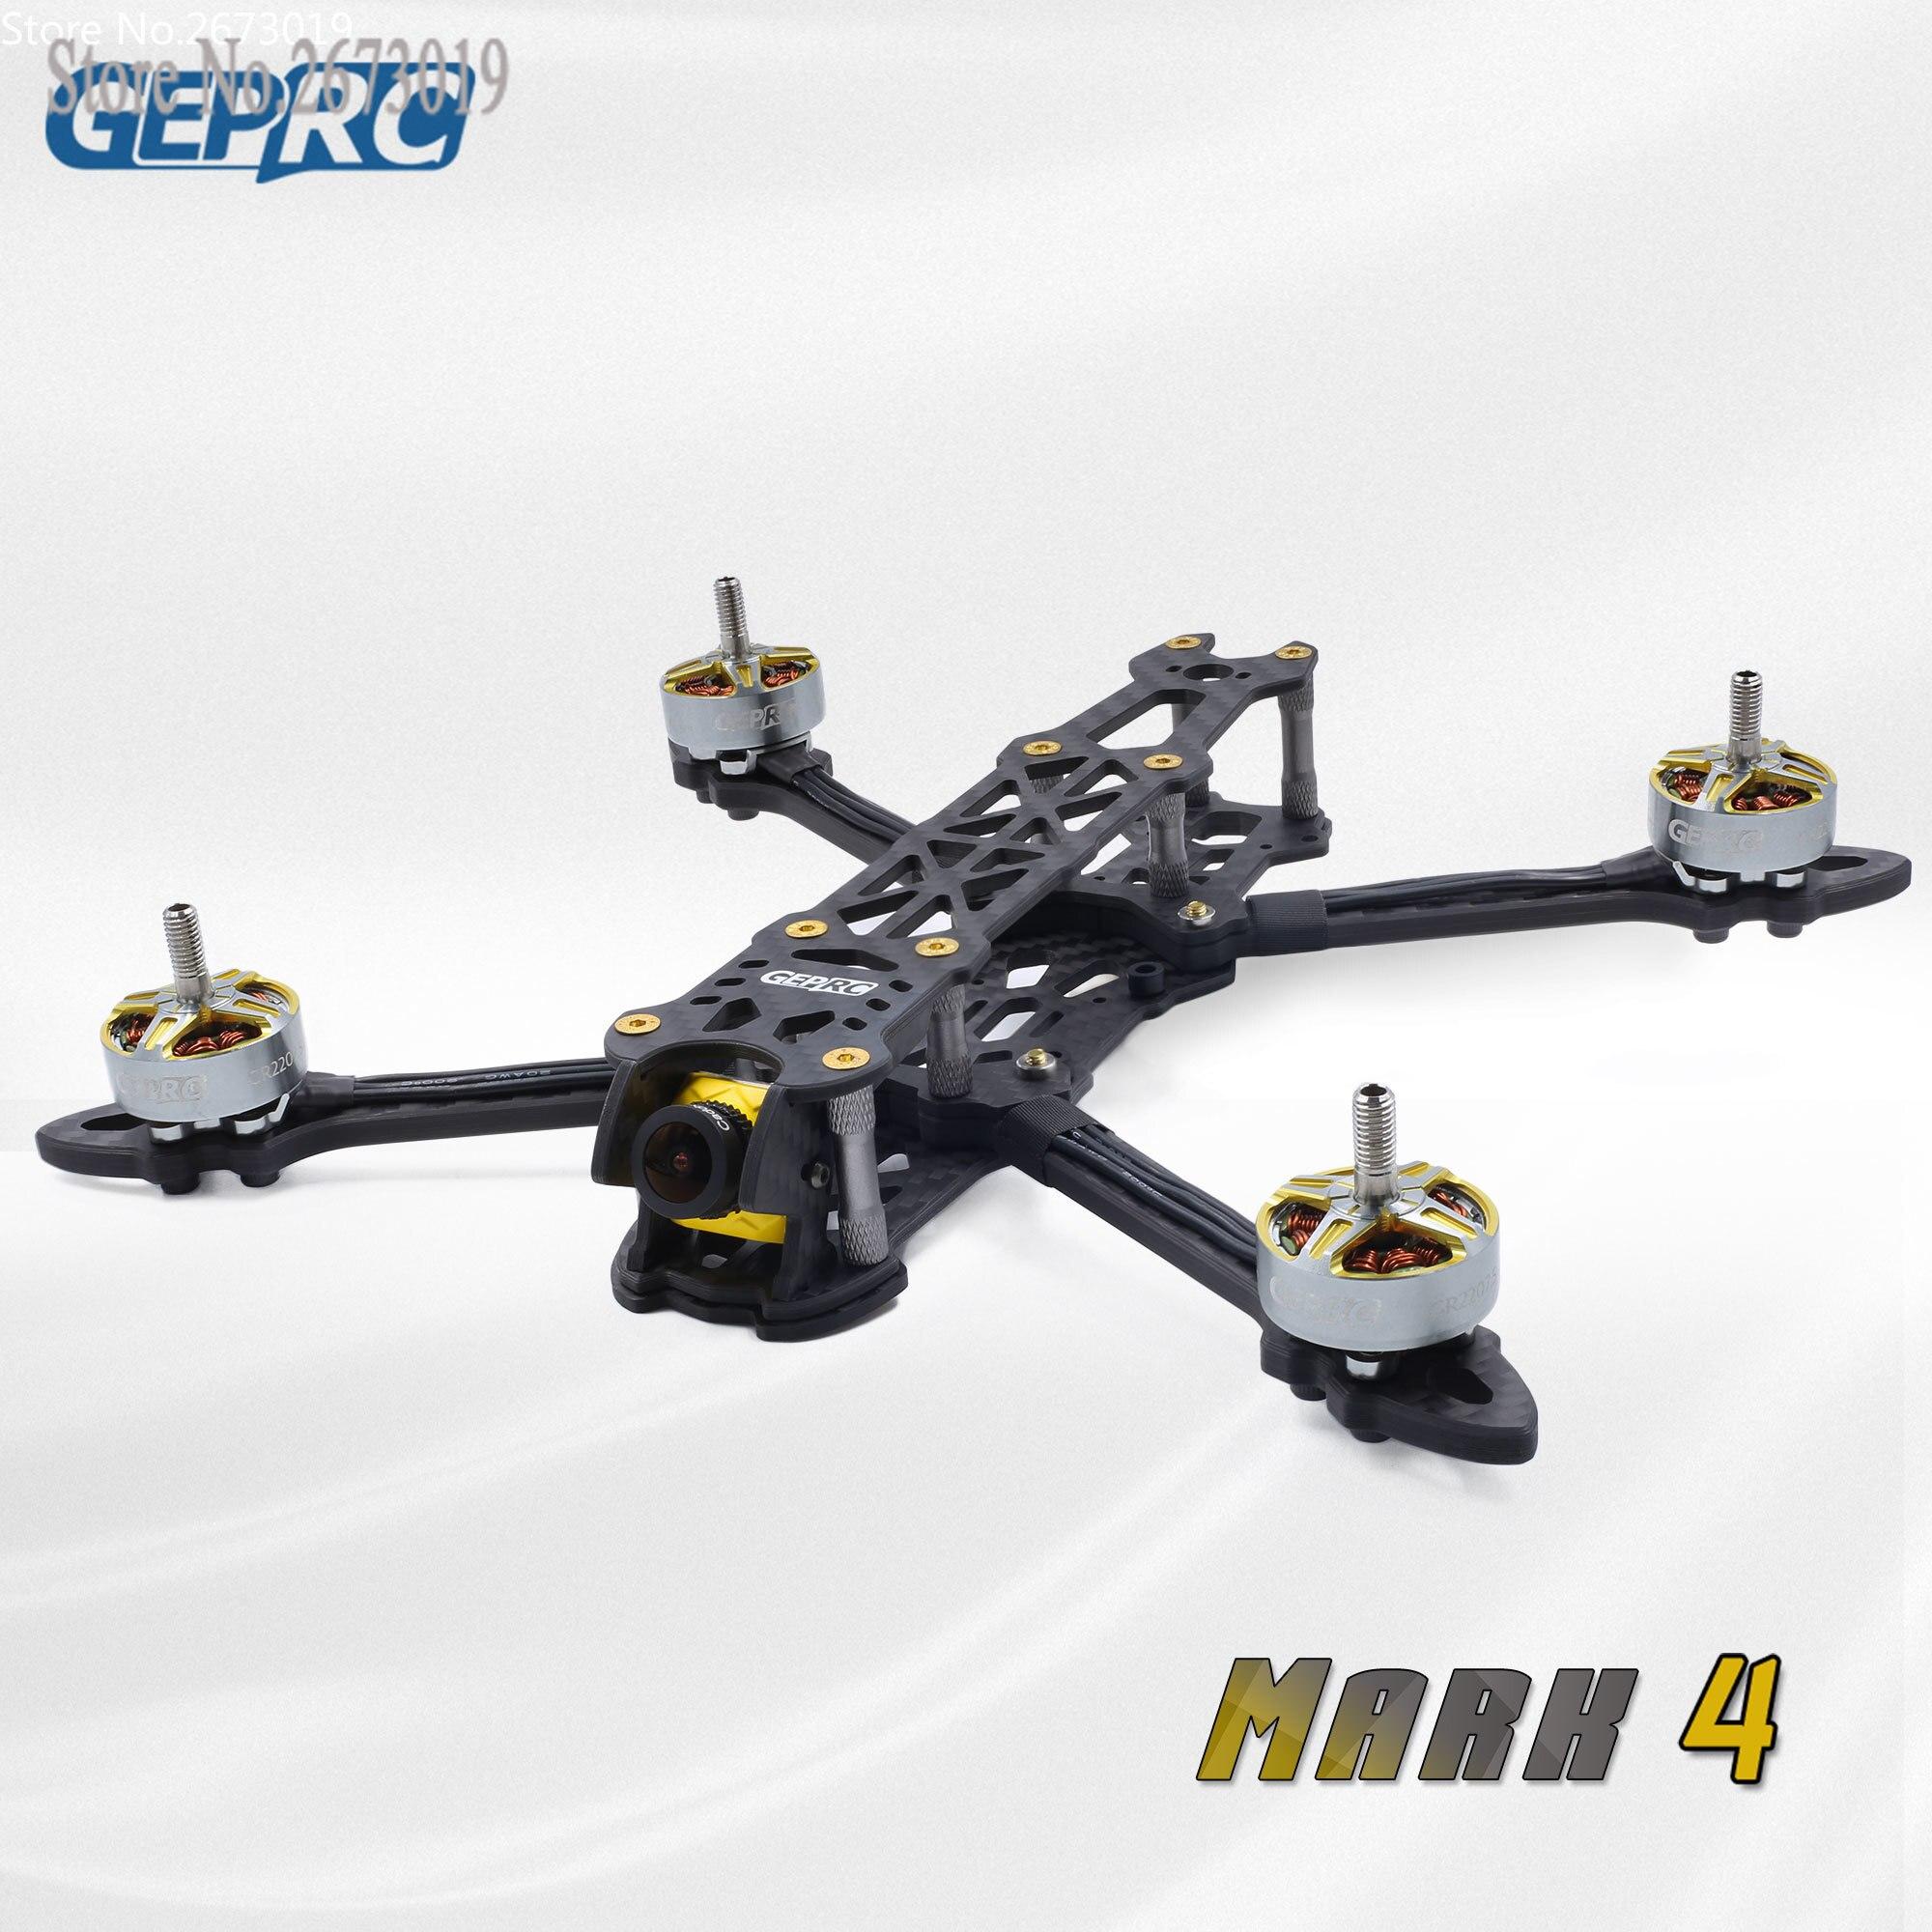 GEPRC Mark 4 FPV Racing Drone cadre Kit 5 ''/6''/7 ''cadre de moto 5mm bras avec 30.5*30.5/20*20mm trous de montage pour FC-in Pièces et accessoires from Jeux et loisirs    1